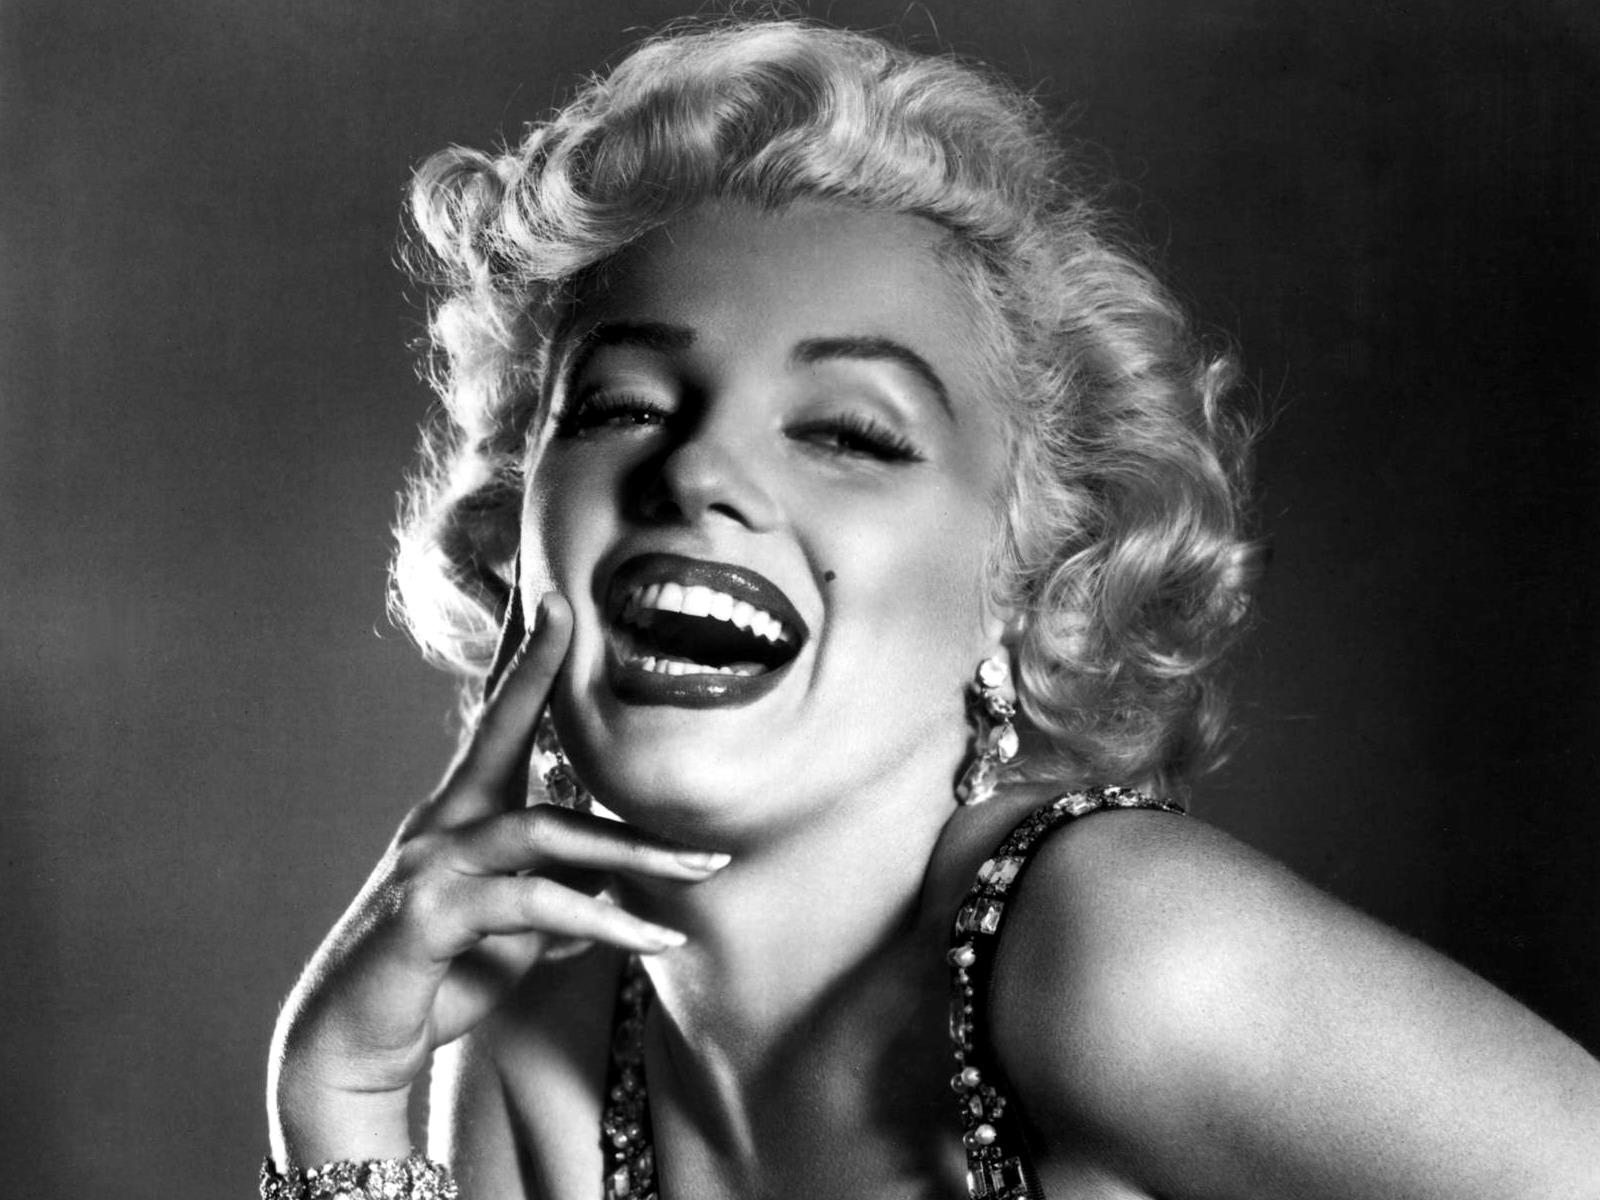 Marilyn Monroe Wallpaper 17640 1600x1200px